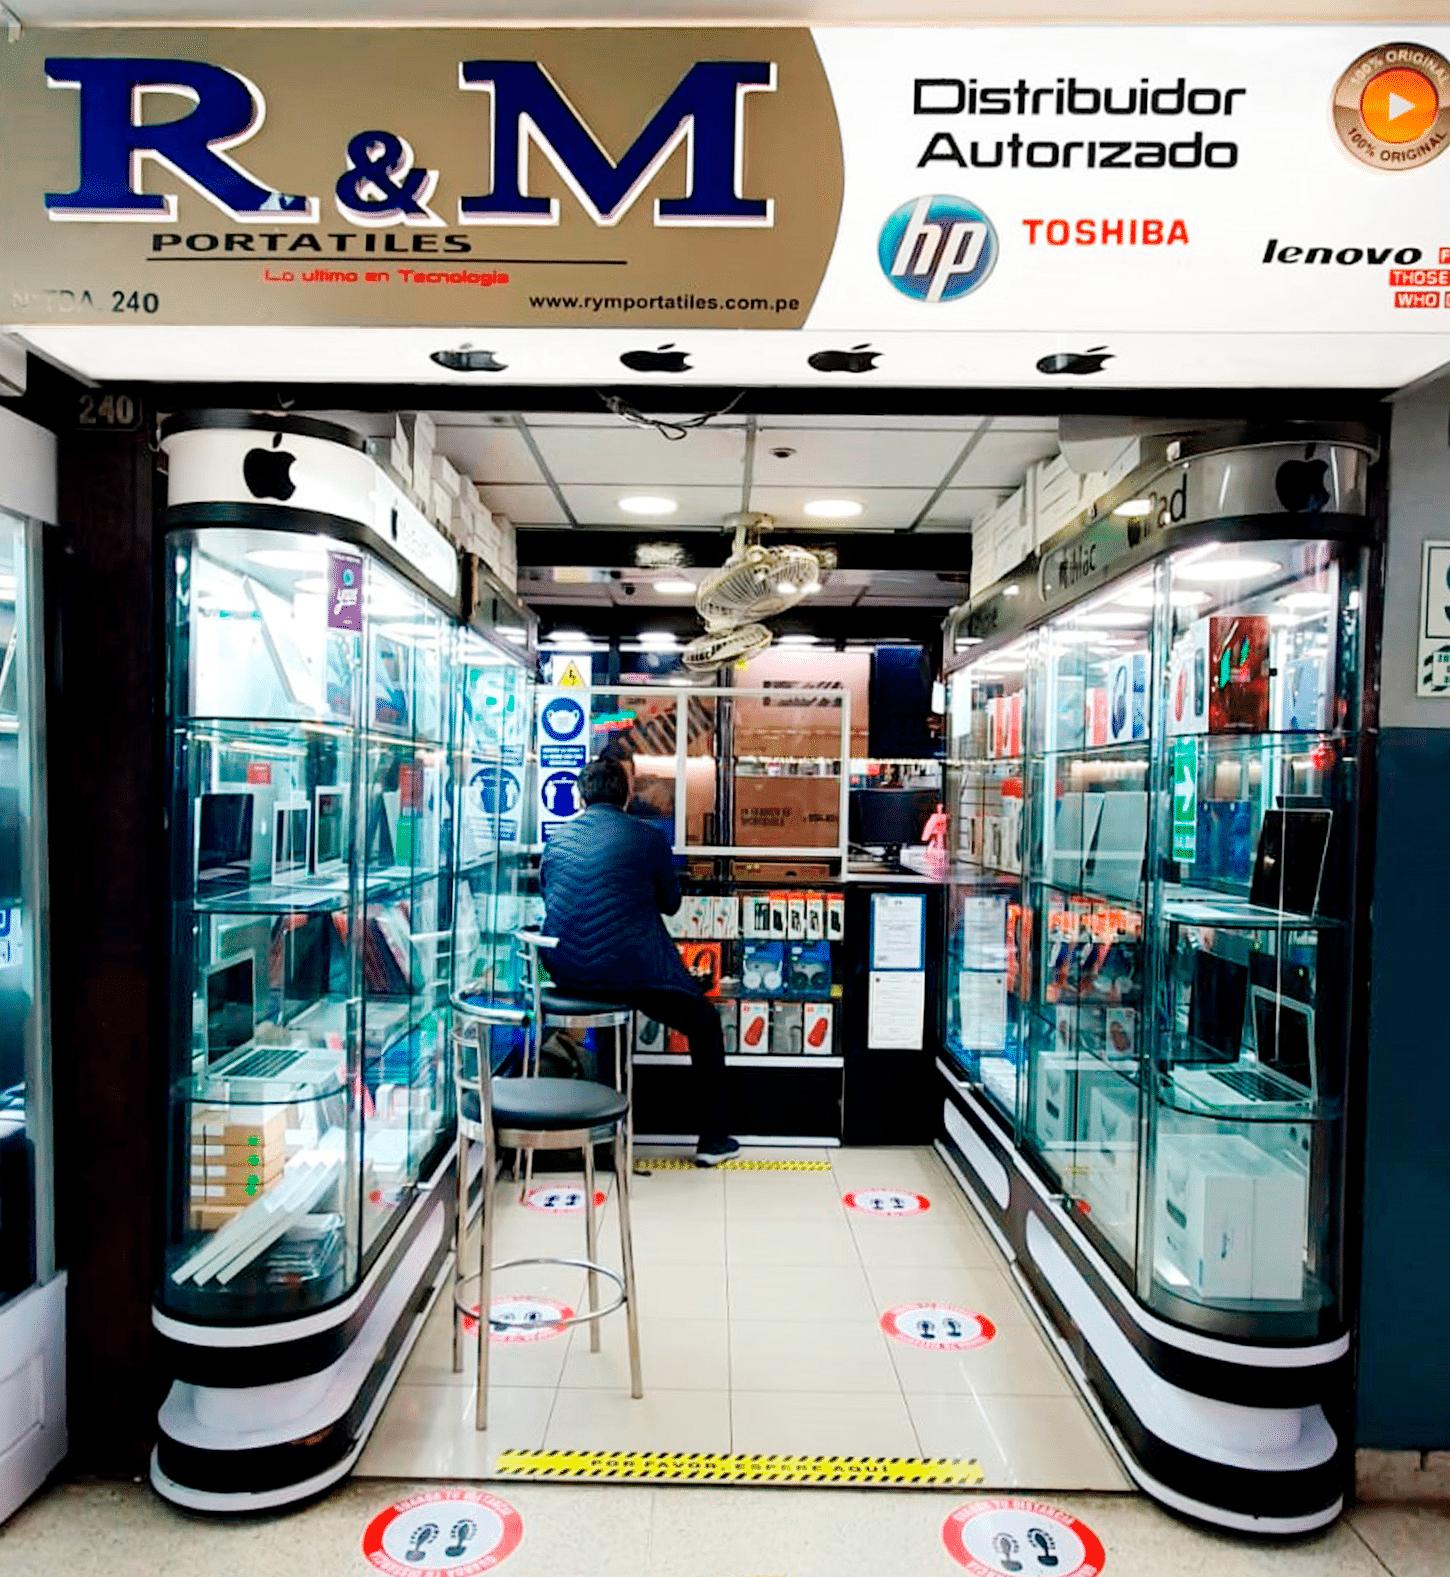 Nuestras tiendas - 240 - R&M Portátiles